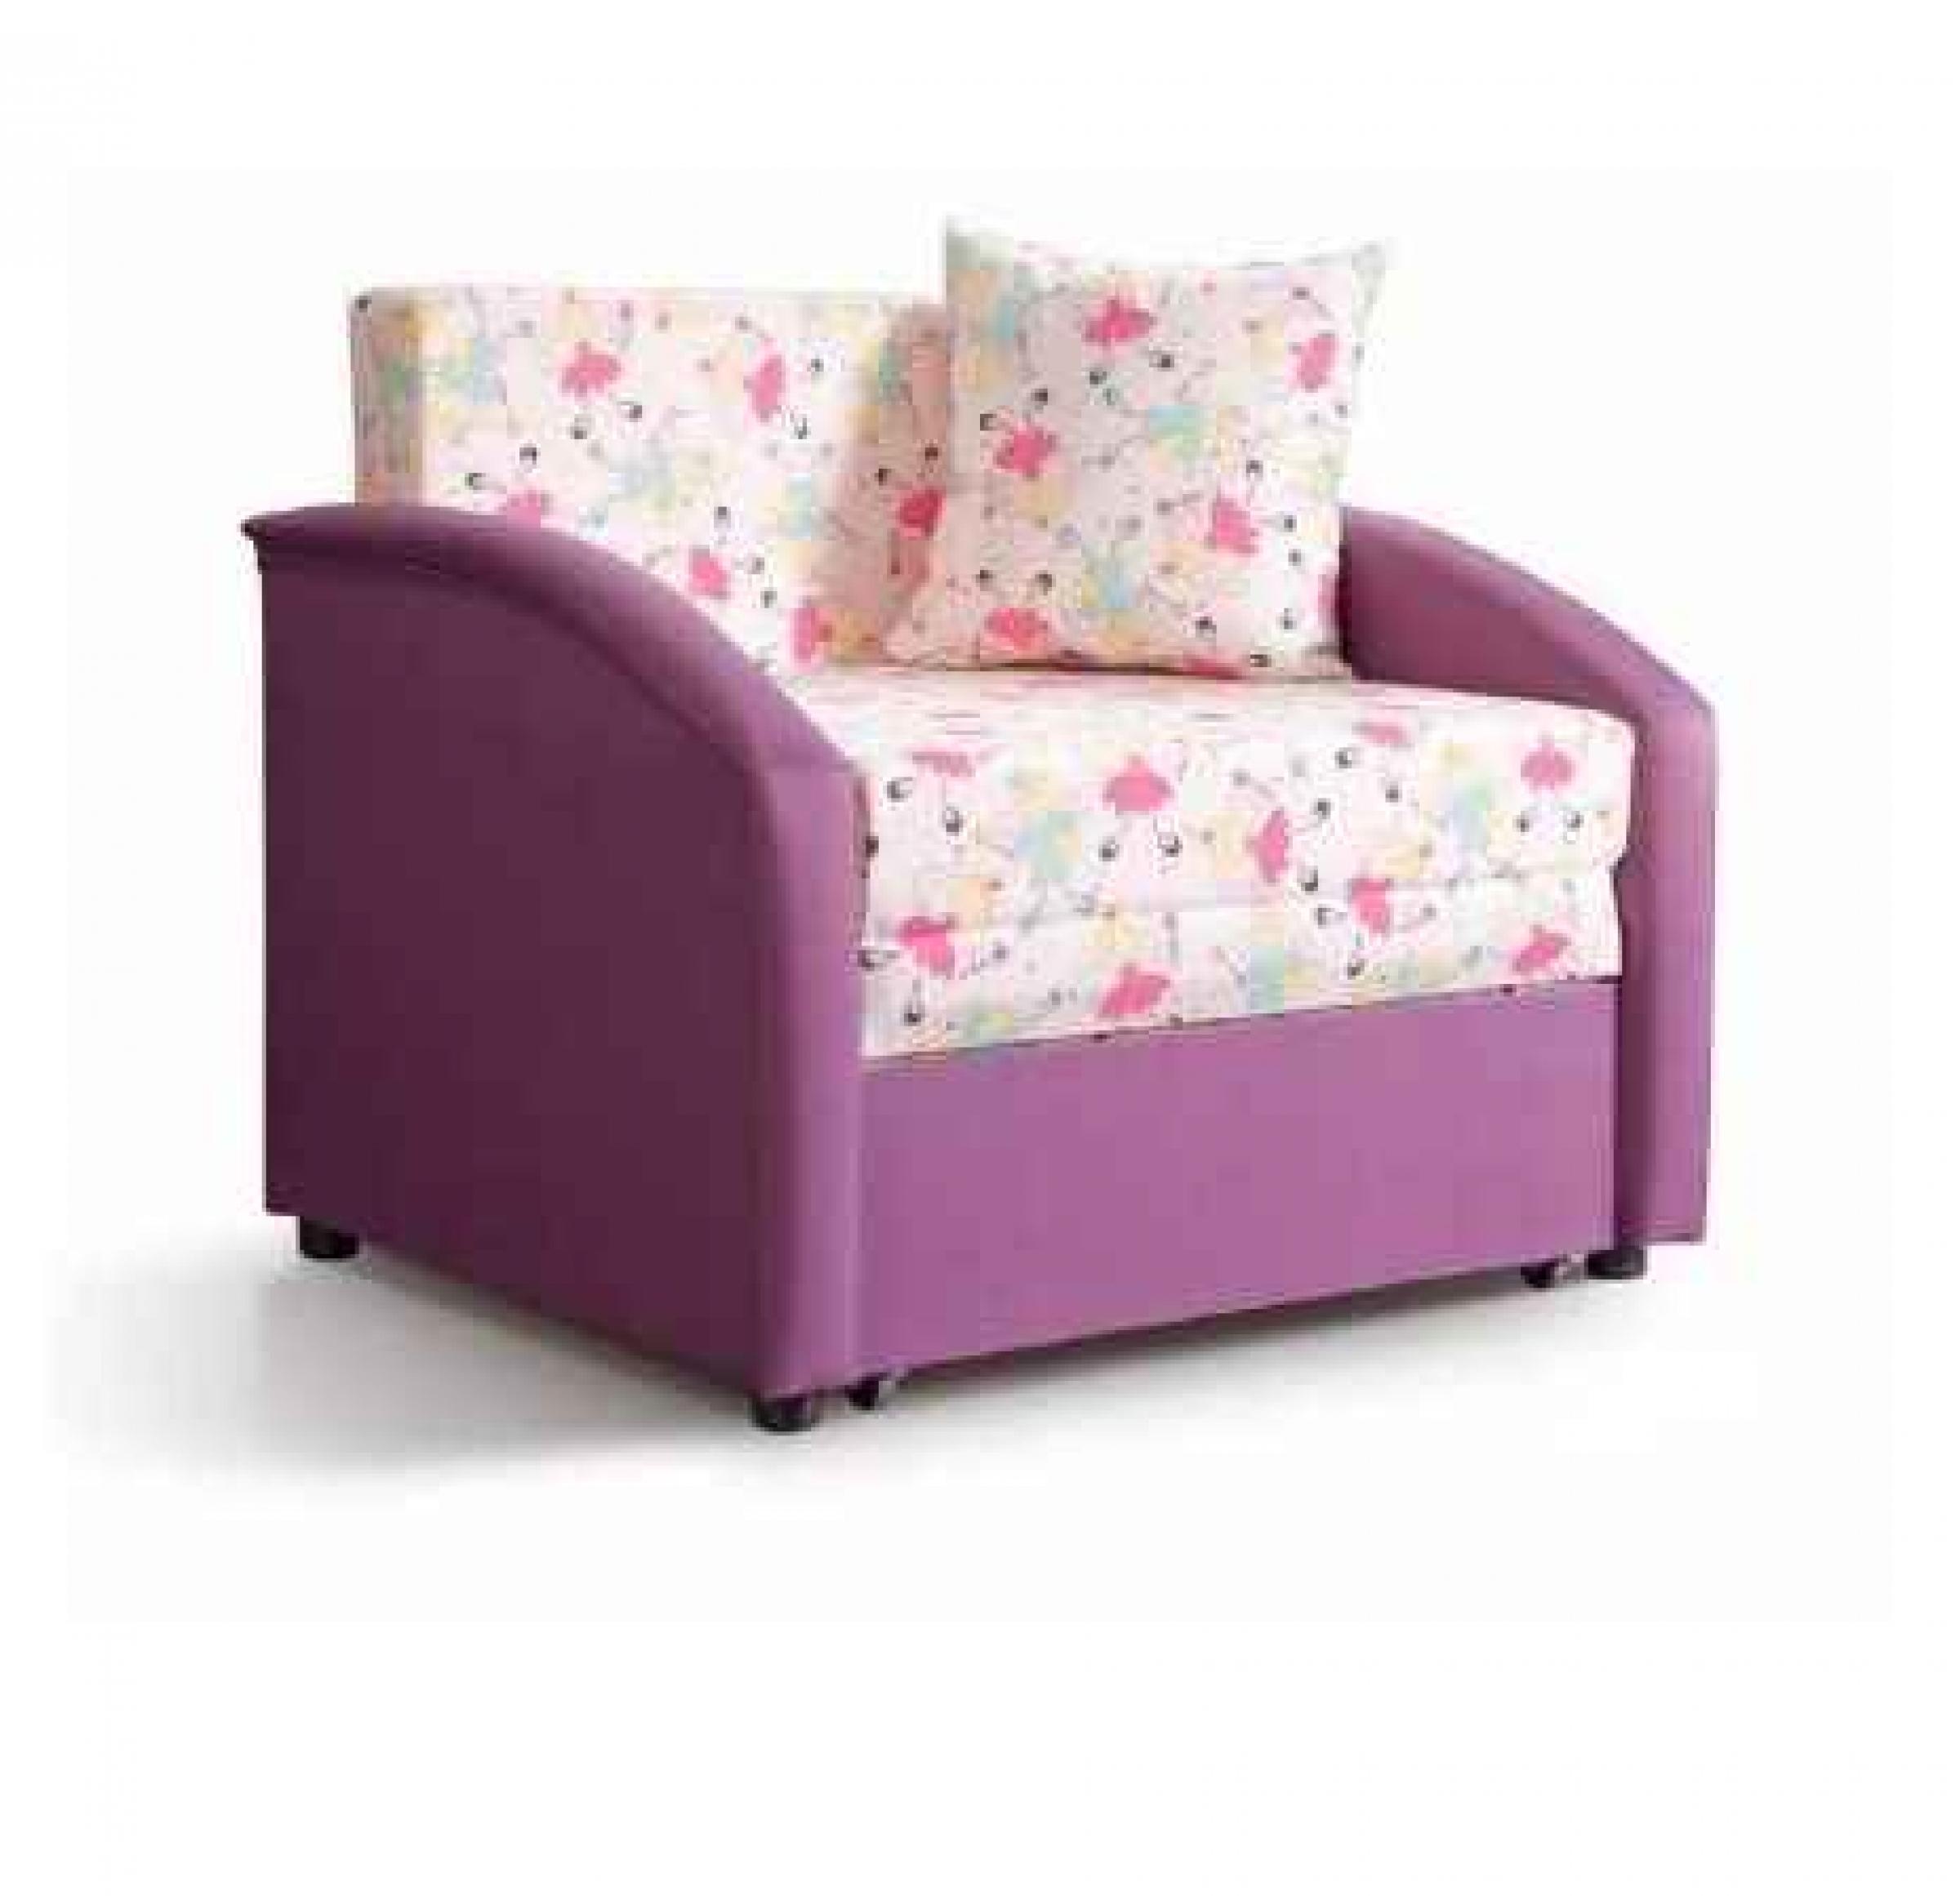 Ф-ка Мирлачева детский мини-диван Даня (принт принцессы)